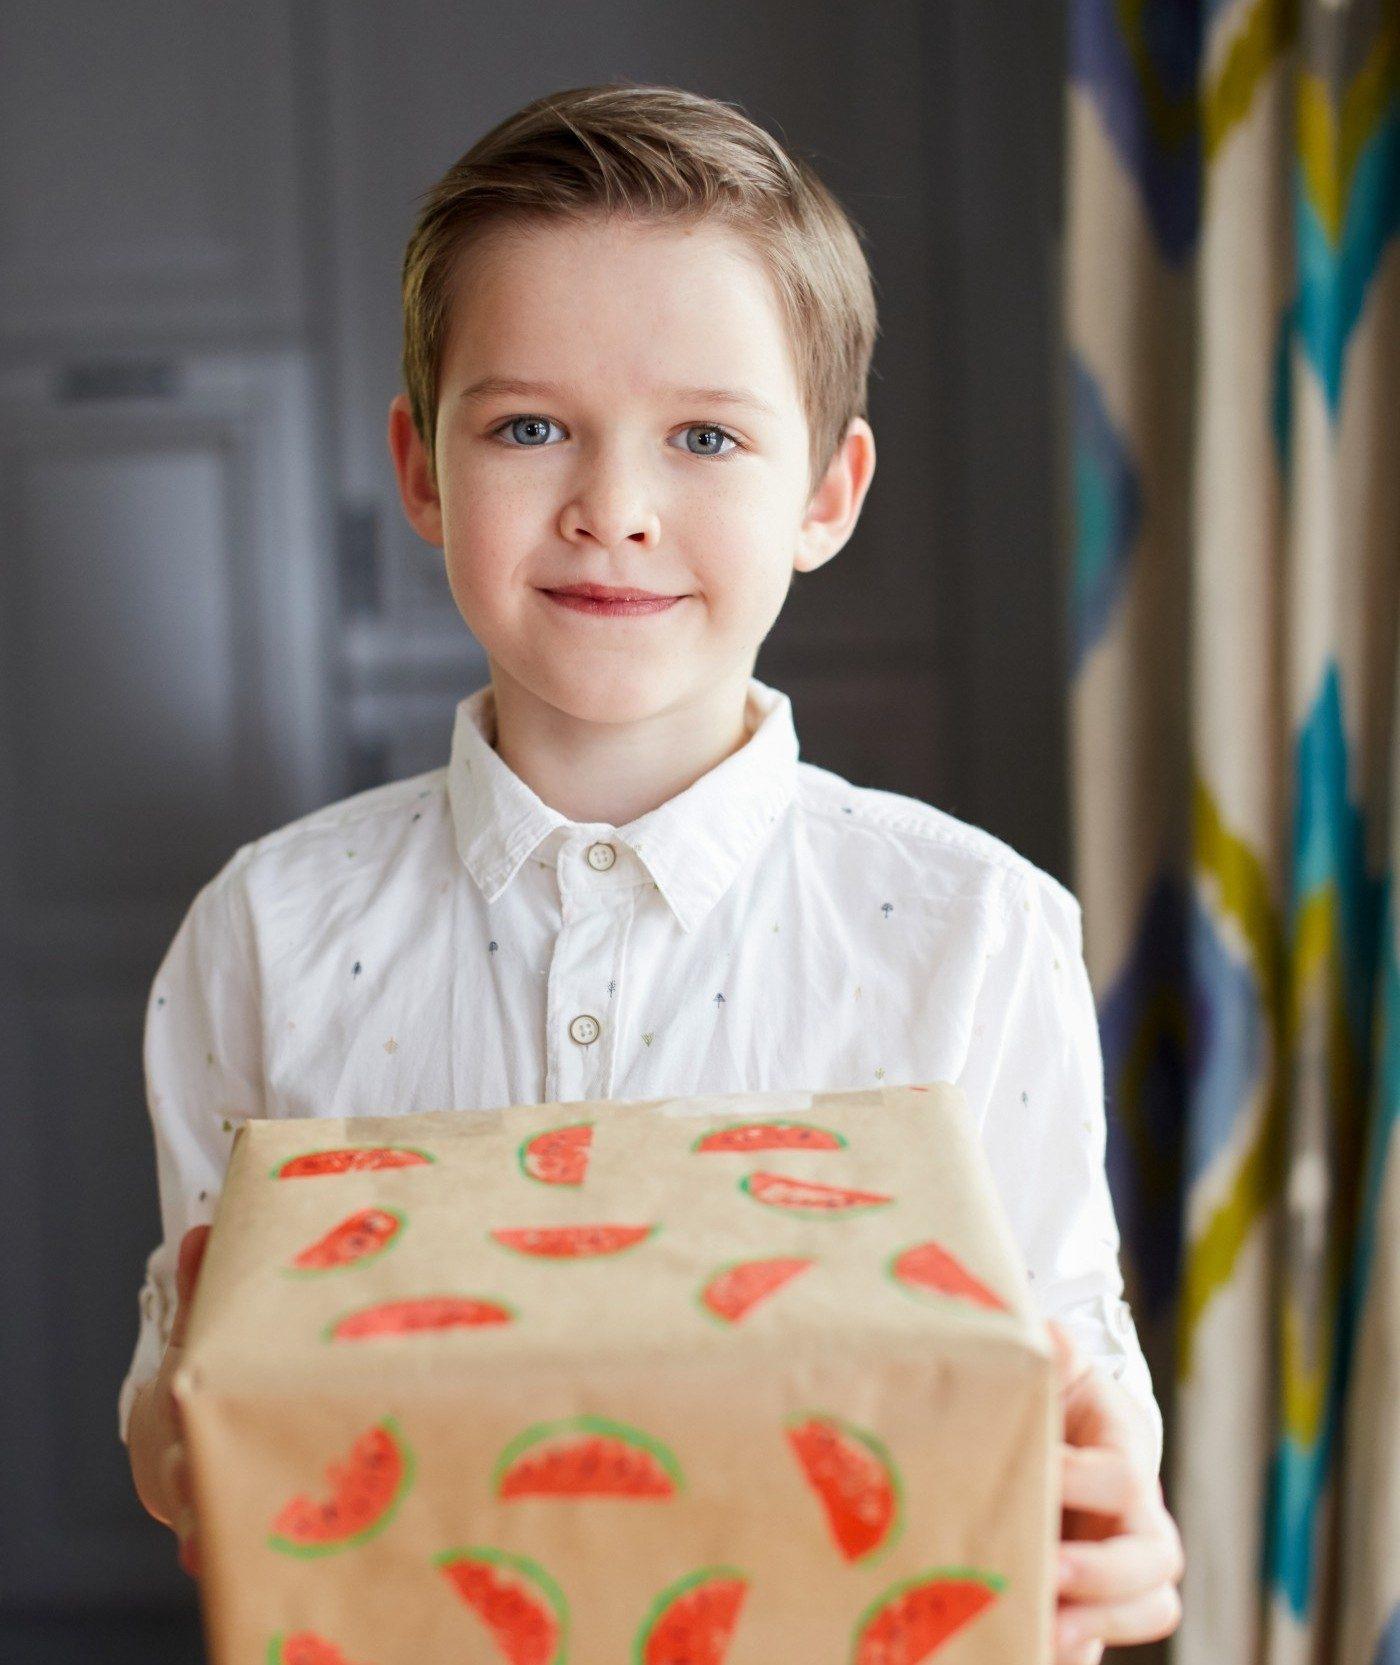 Arbūzai dovana vaikas